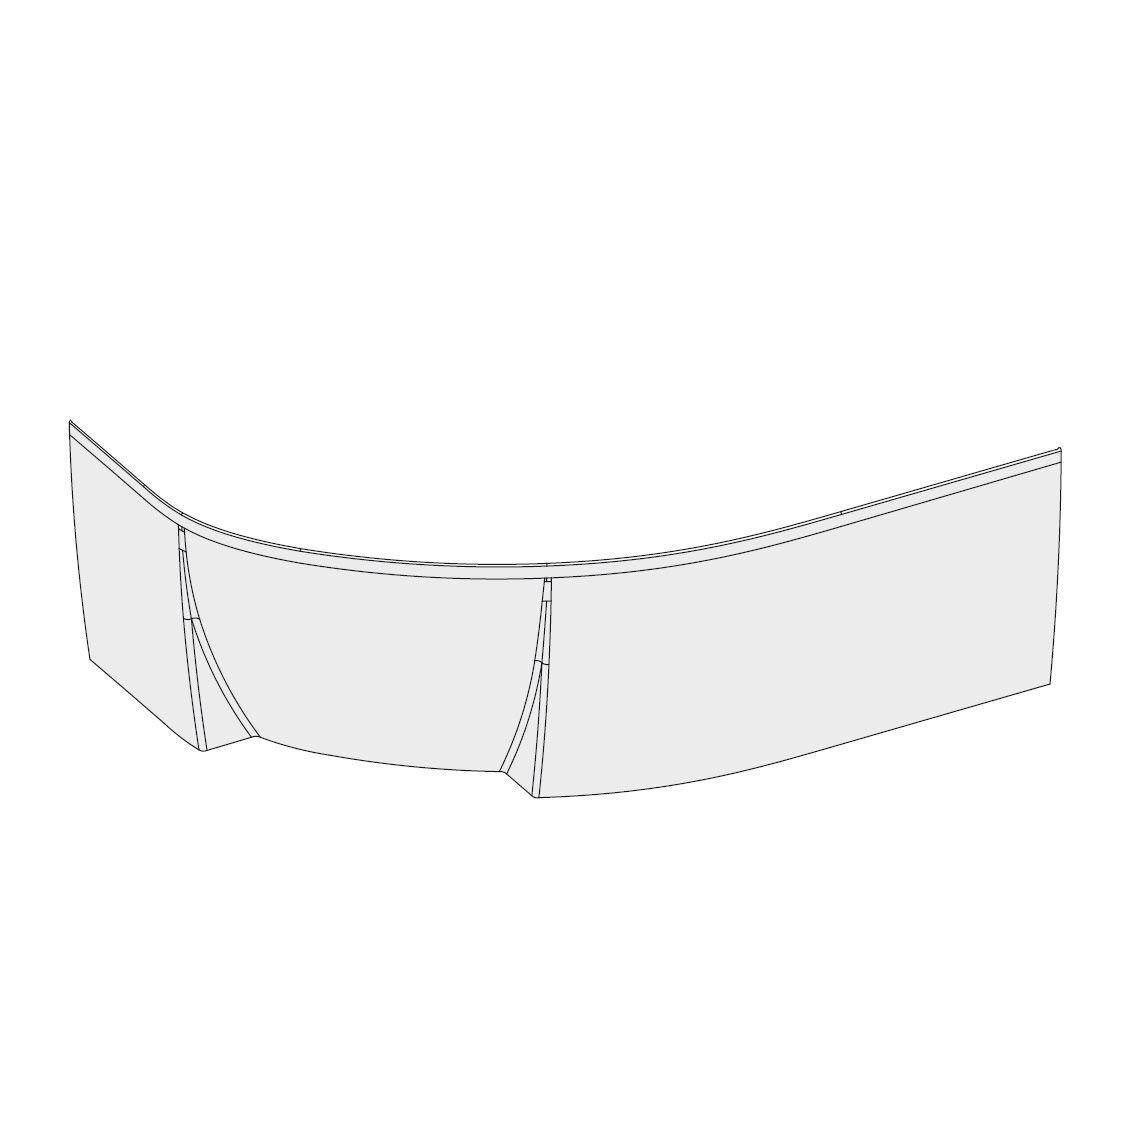 Передняя панель Ravak A для ванны Ravak Rosa II P 150, CZJ1200A00 фото